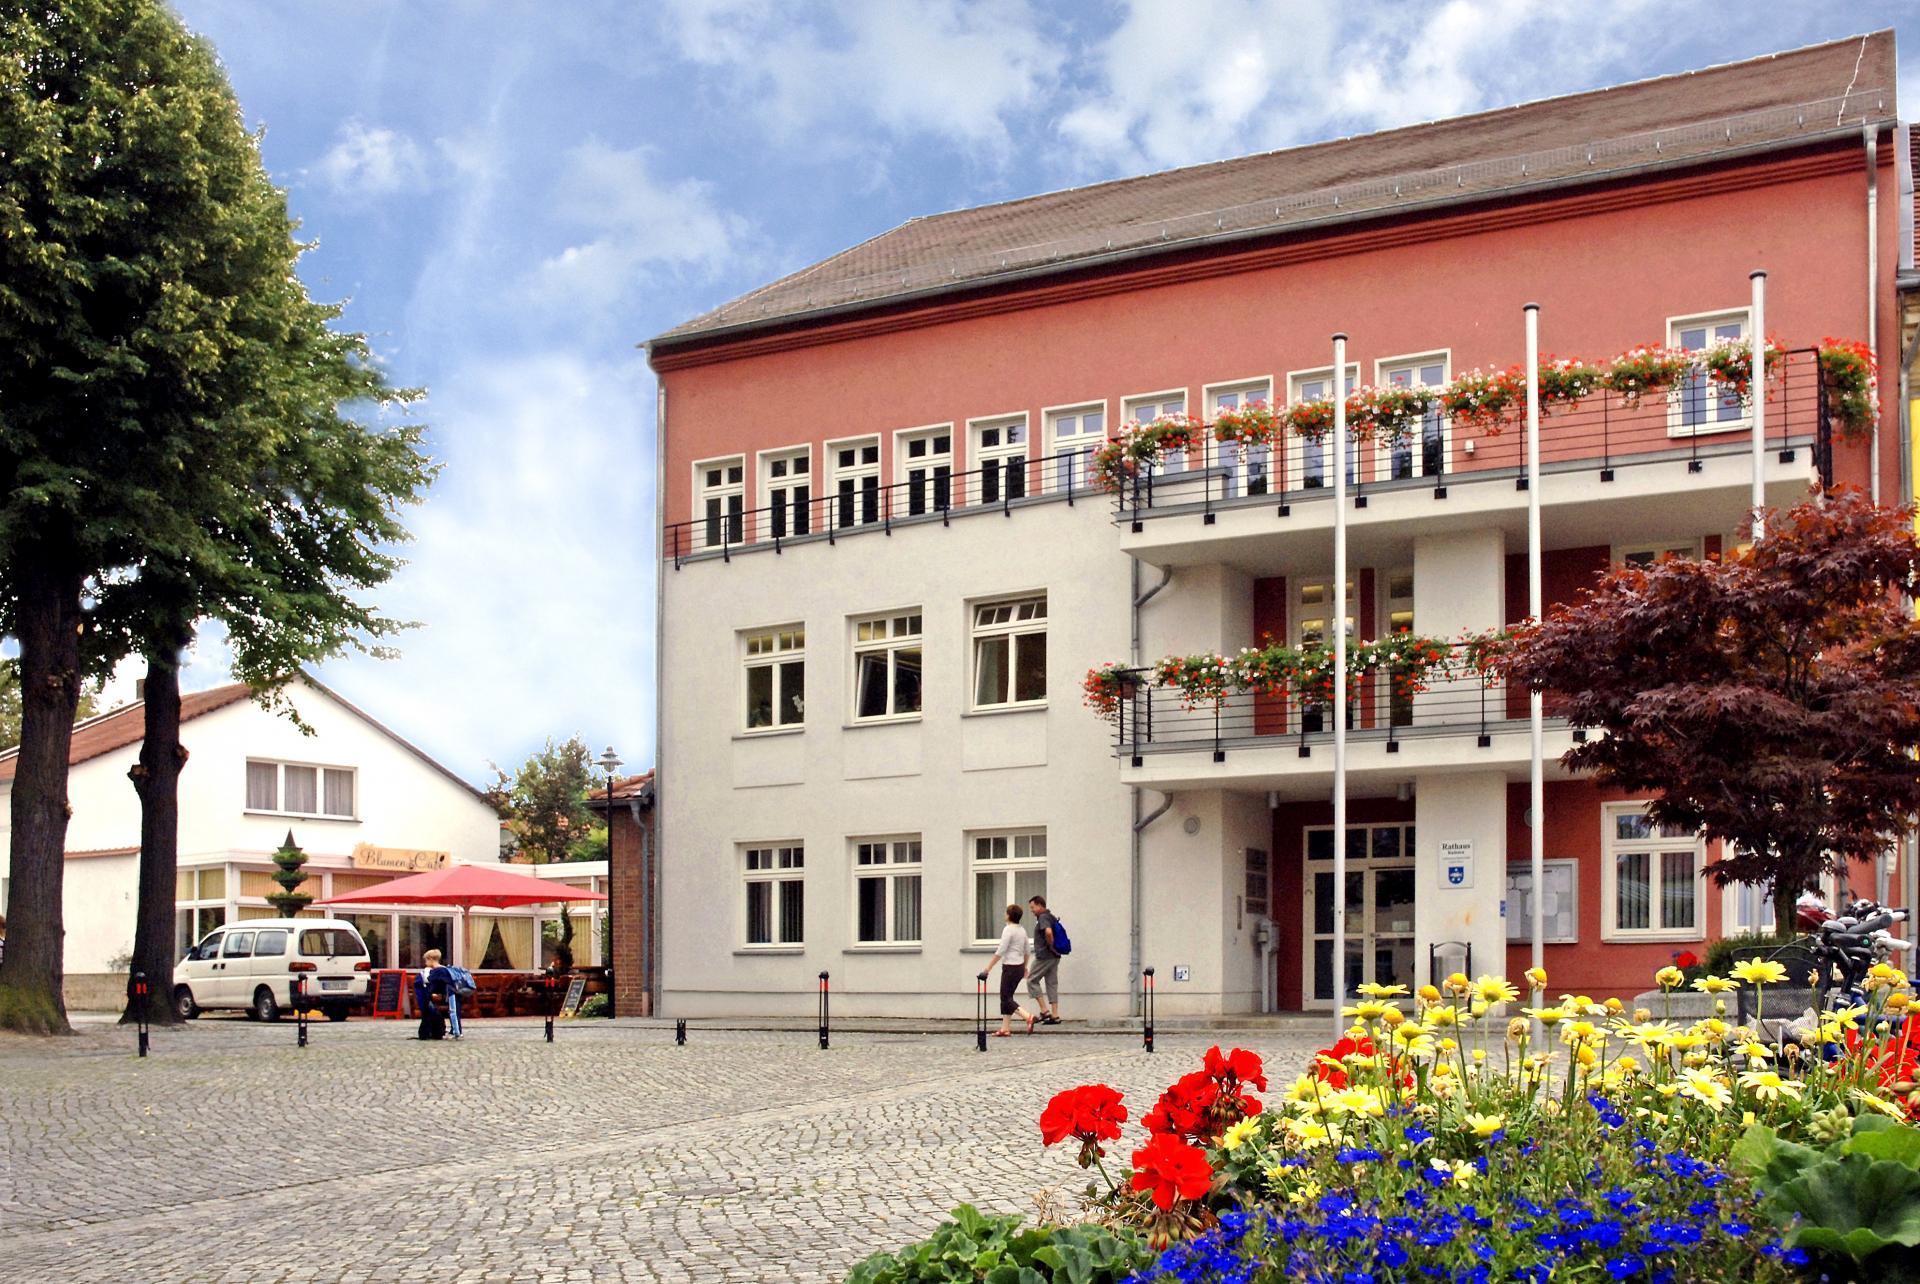 Standesamt im Rathaus Lübbenau/Spreewald, Foto: Stadt Lübbenau/Spreewald